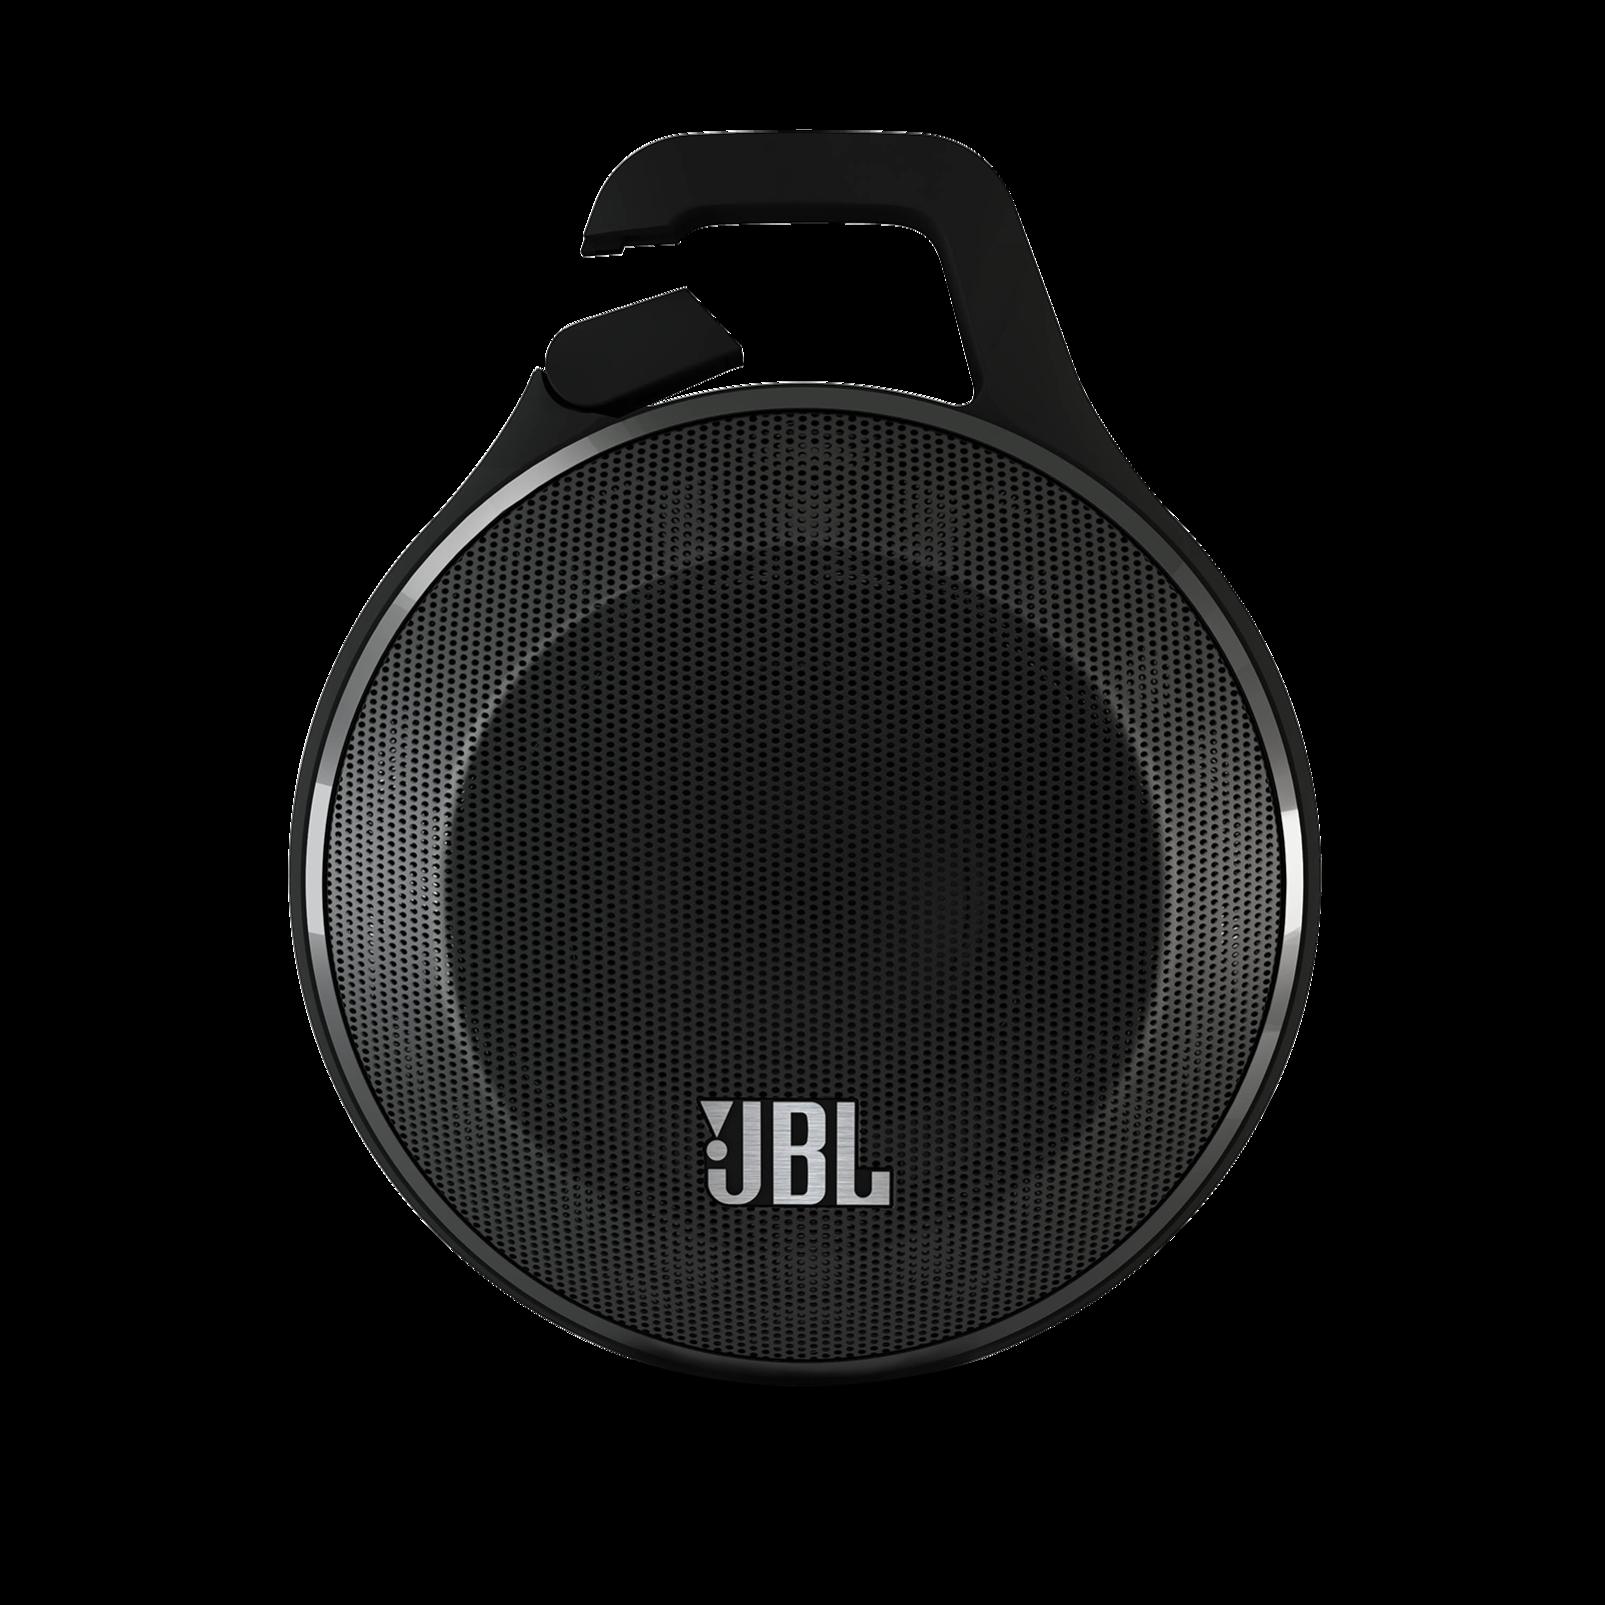 JBL Clip  9b988c221c9b4